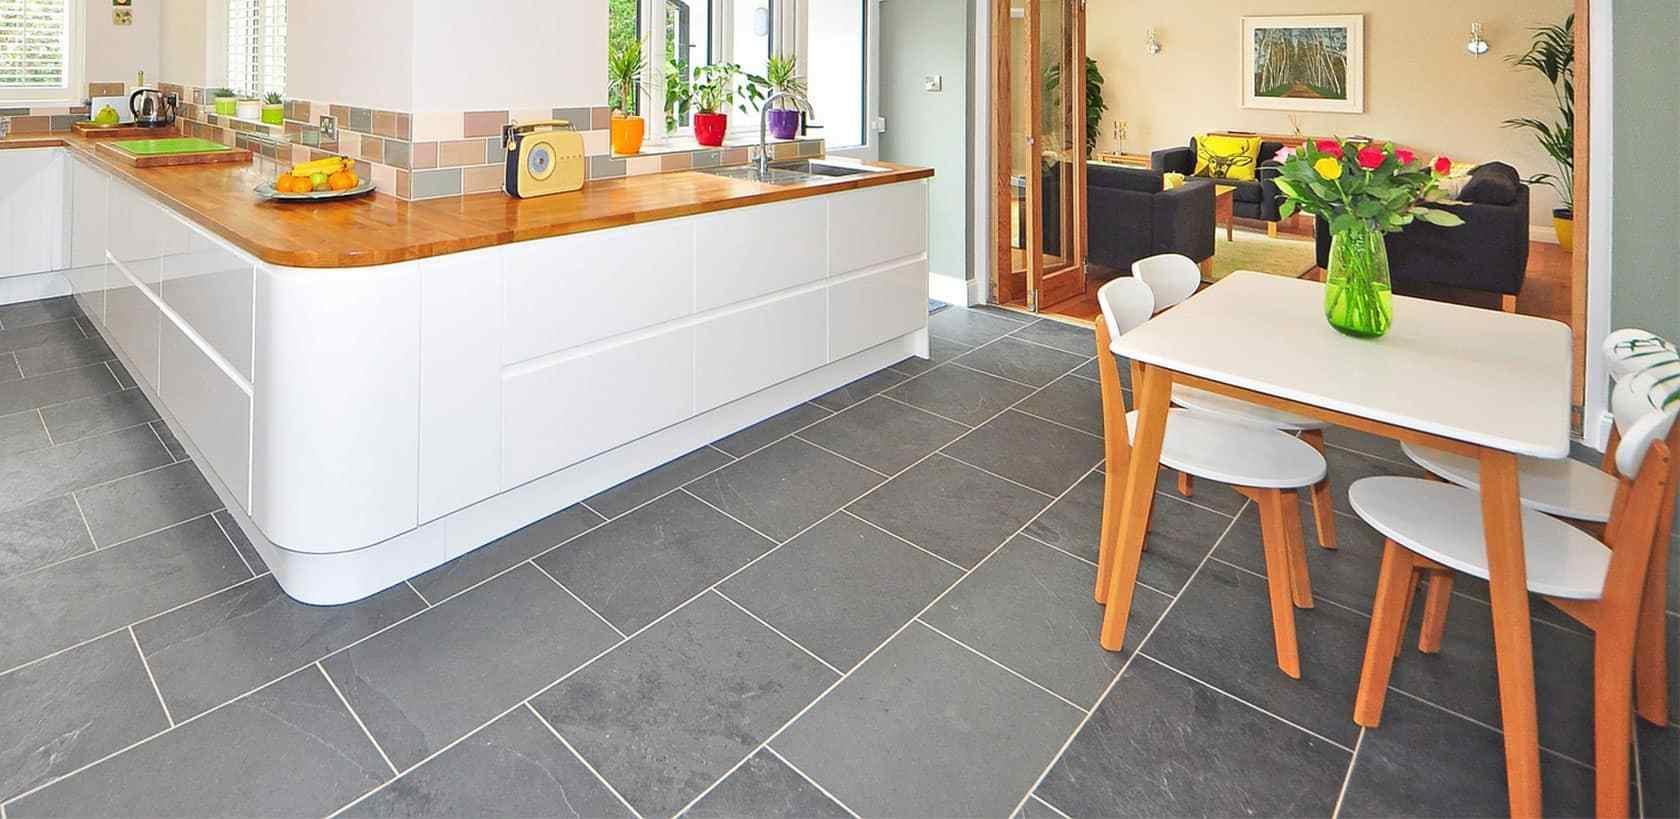 Kücheninsel Mit Sitzgelegenheit Modern